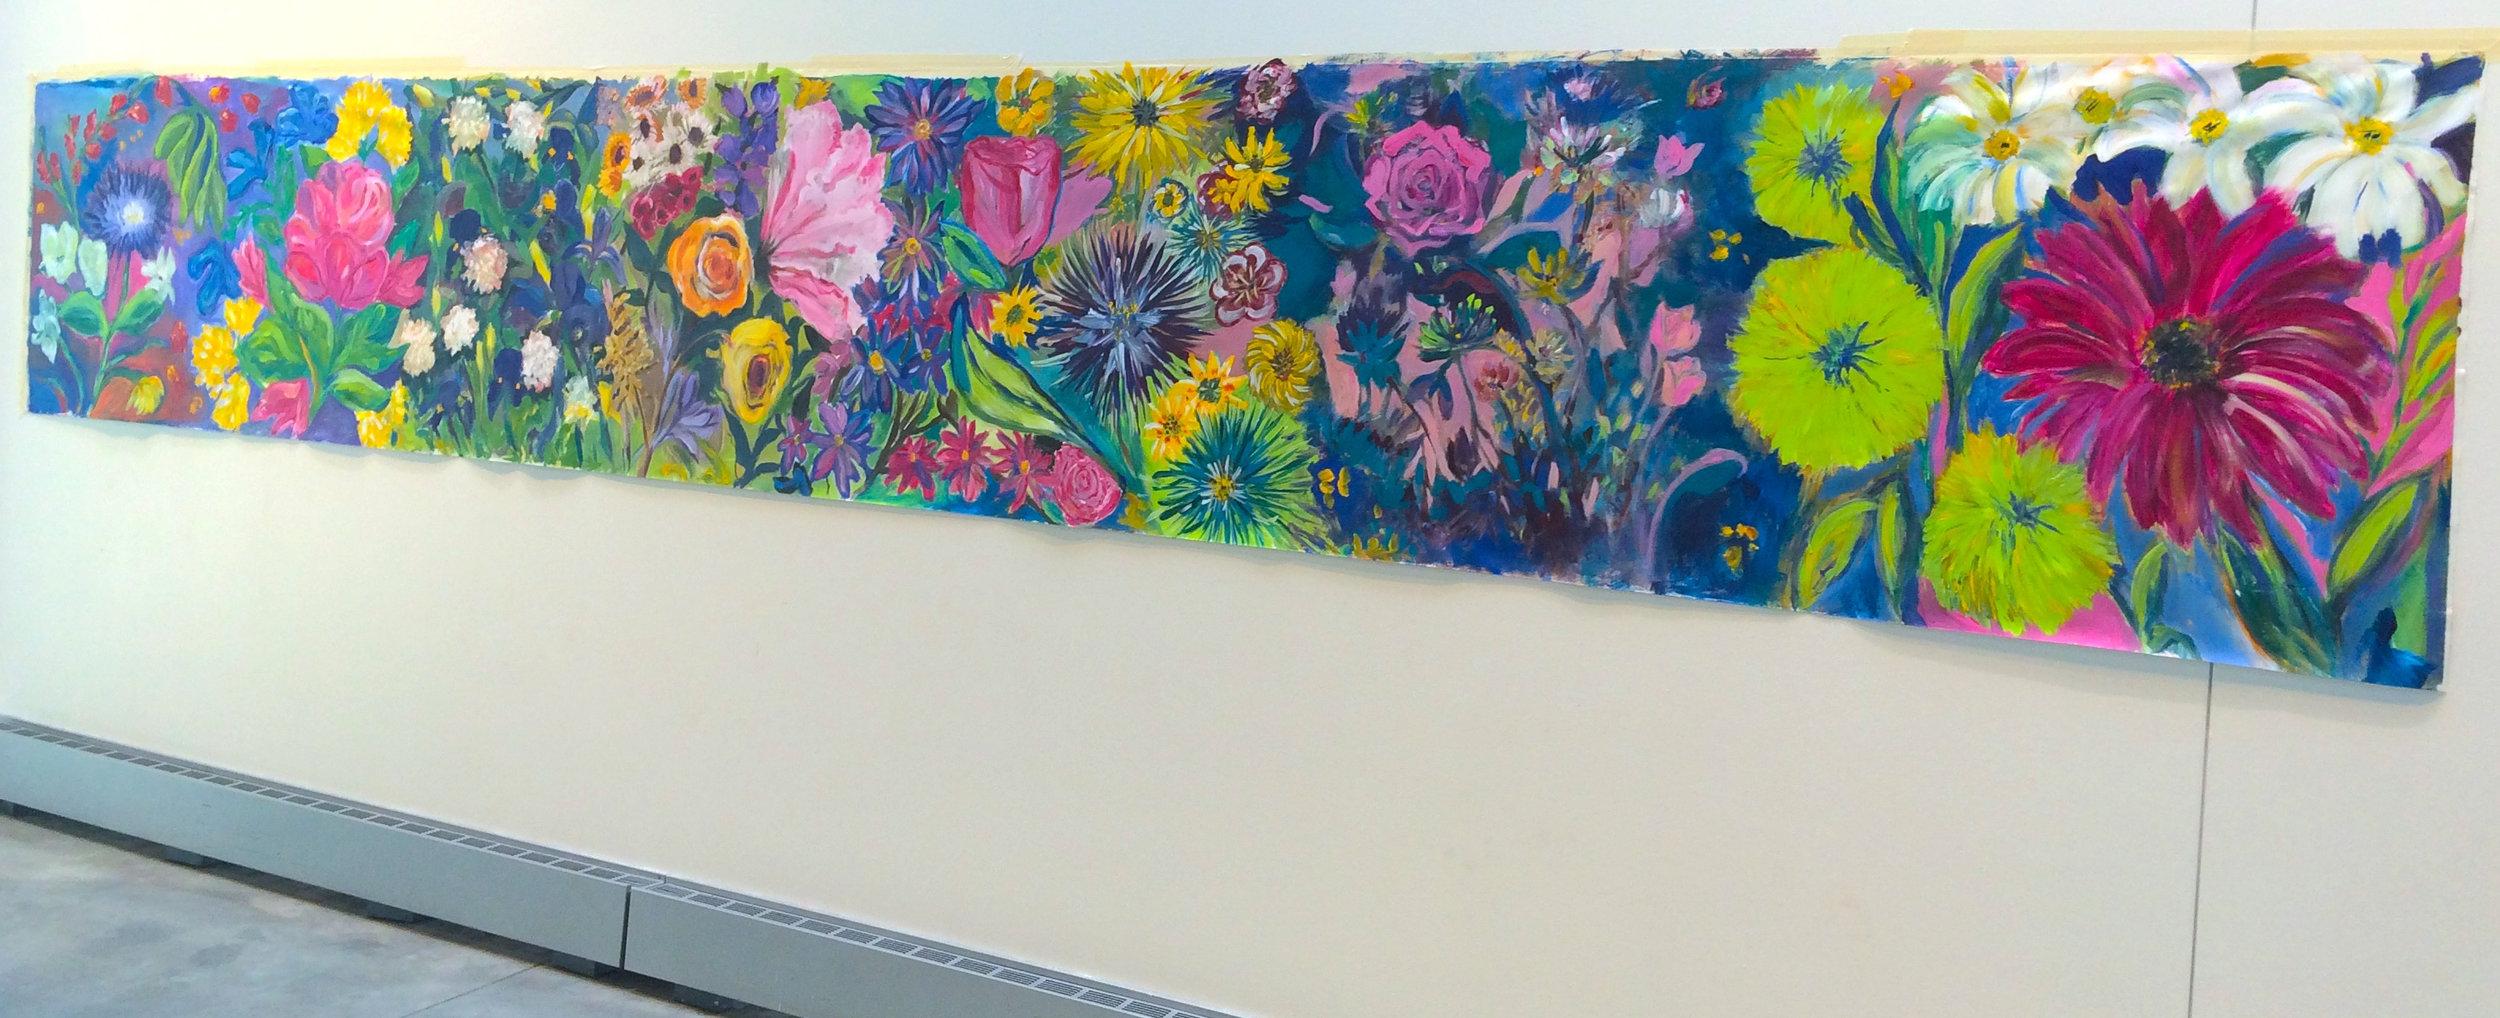 MCFTA flower mural I -